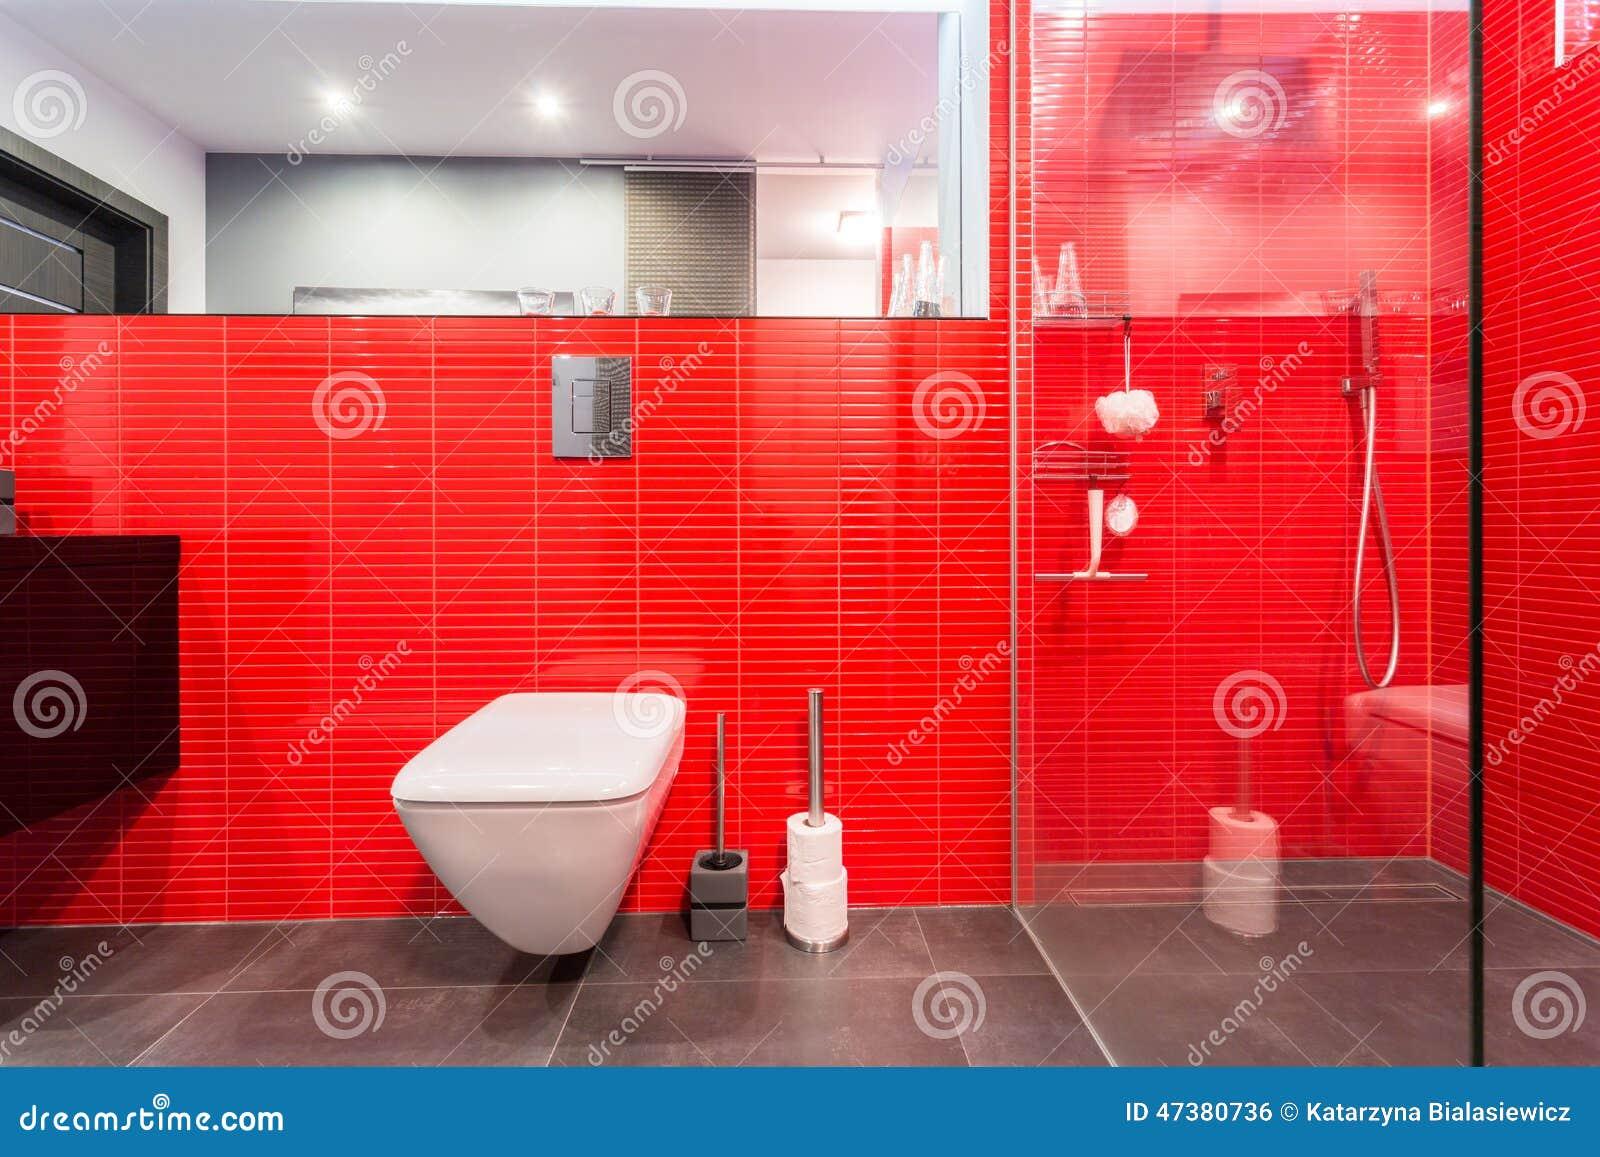 rote fliesen auf der wand stockfoto bild 47380736. Black Bedroom Furniture Sets. Home Design Ideas